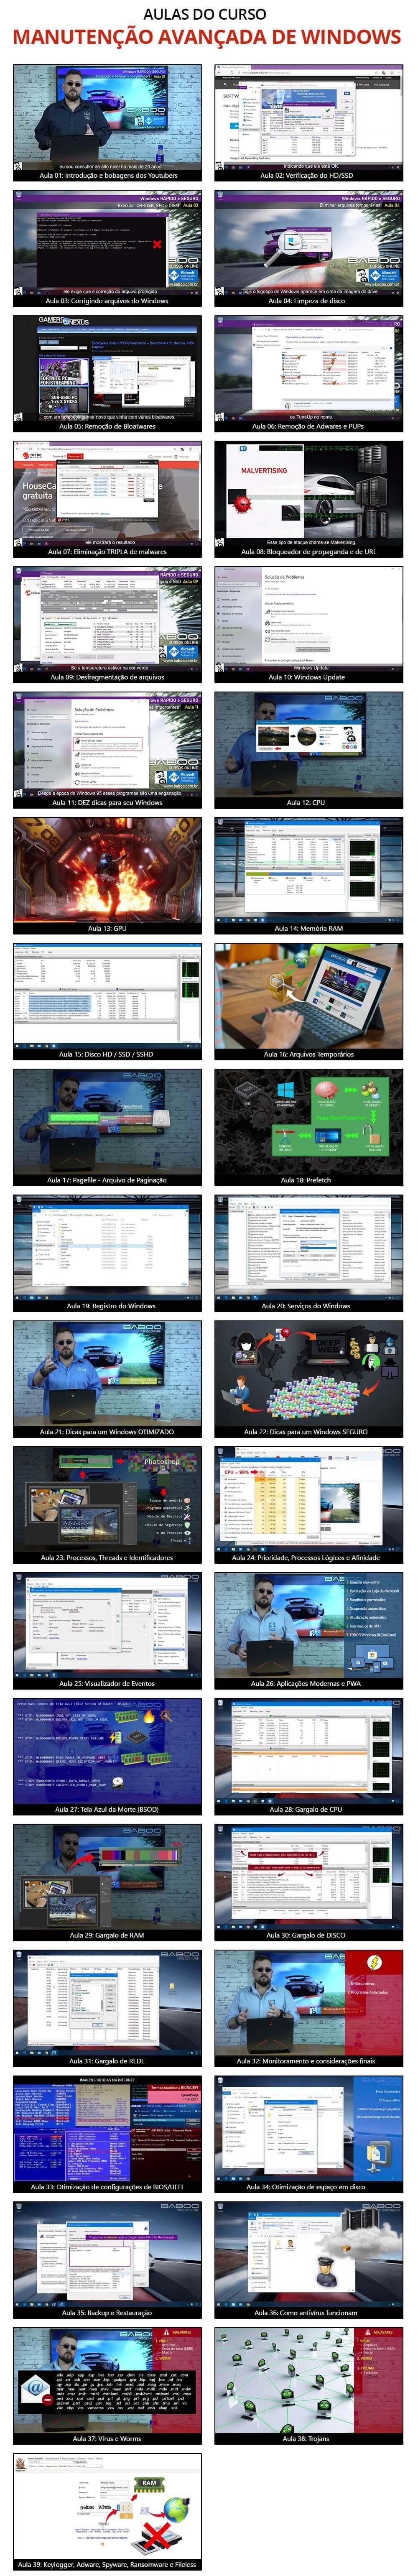 Aulas do curso de Manutenção AVANÇADA de Windows